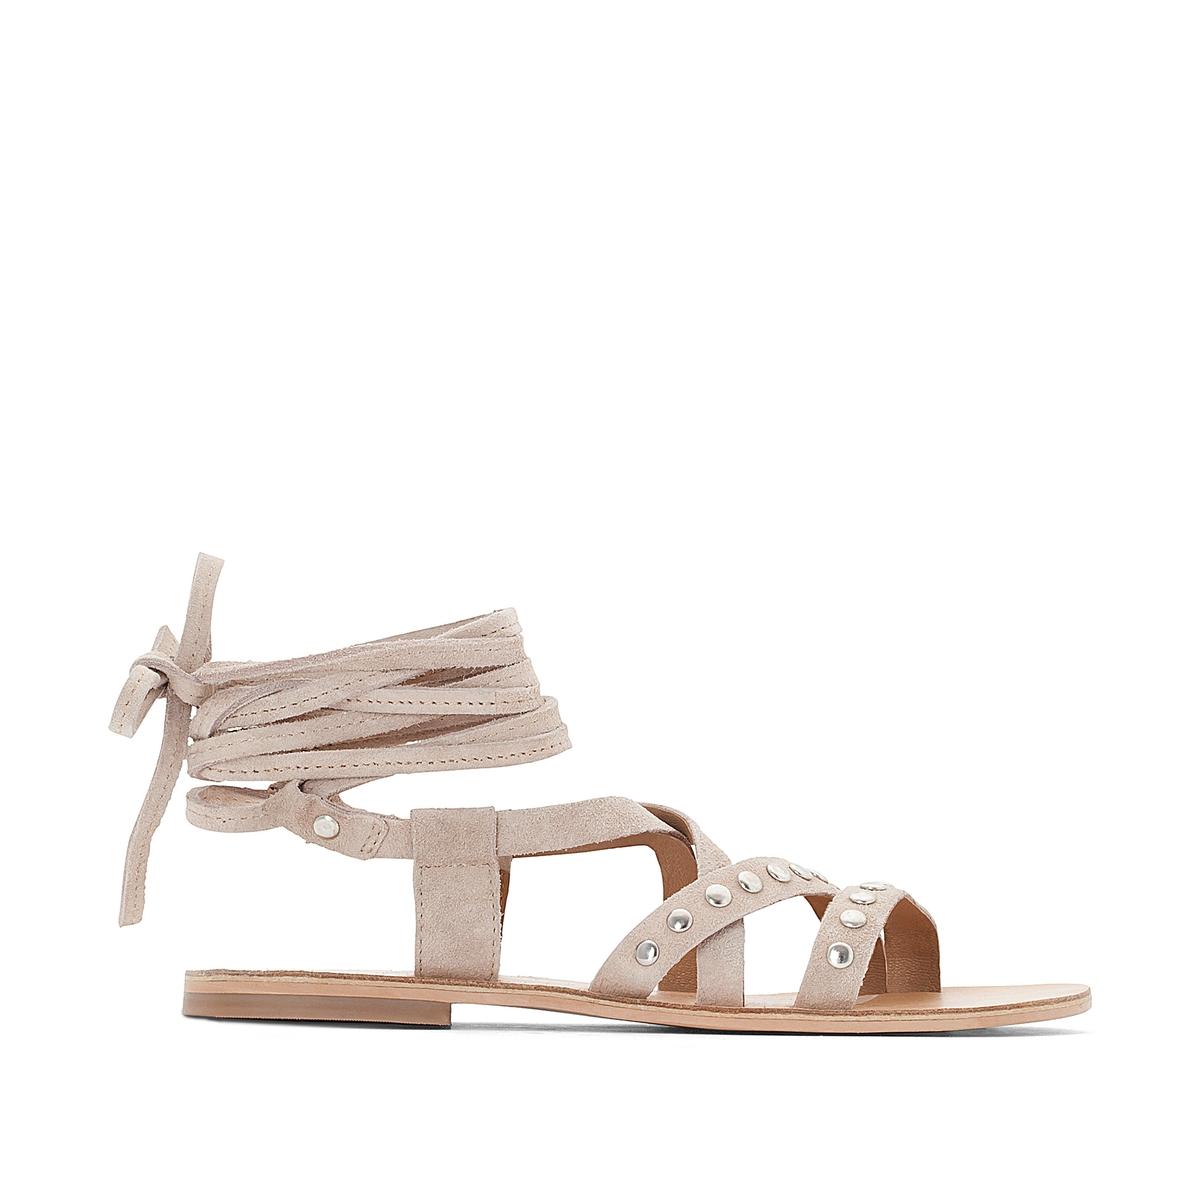 Босоножки кожаные с металлической деталью на плоском каблуке